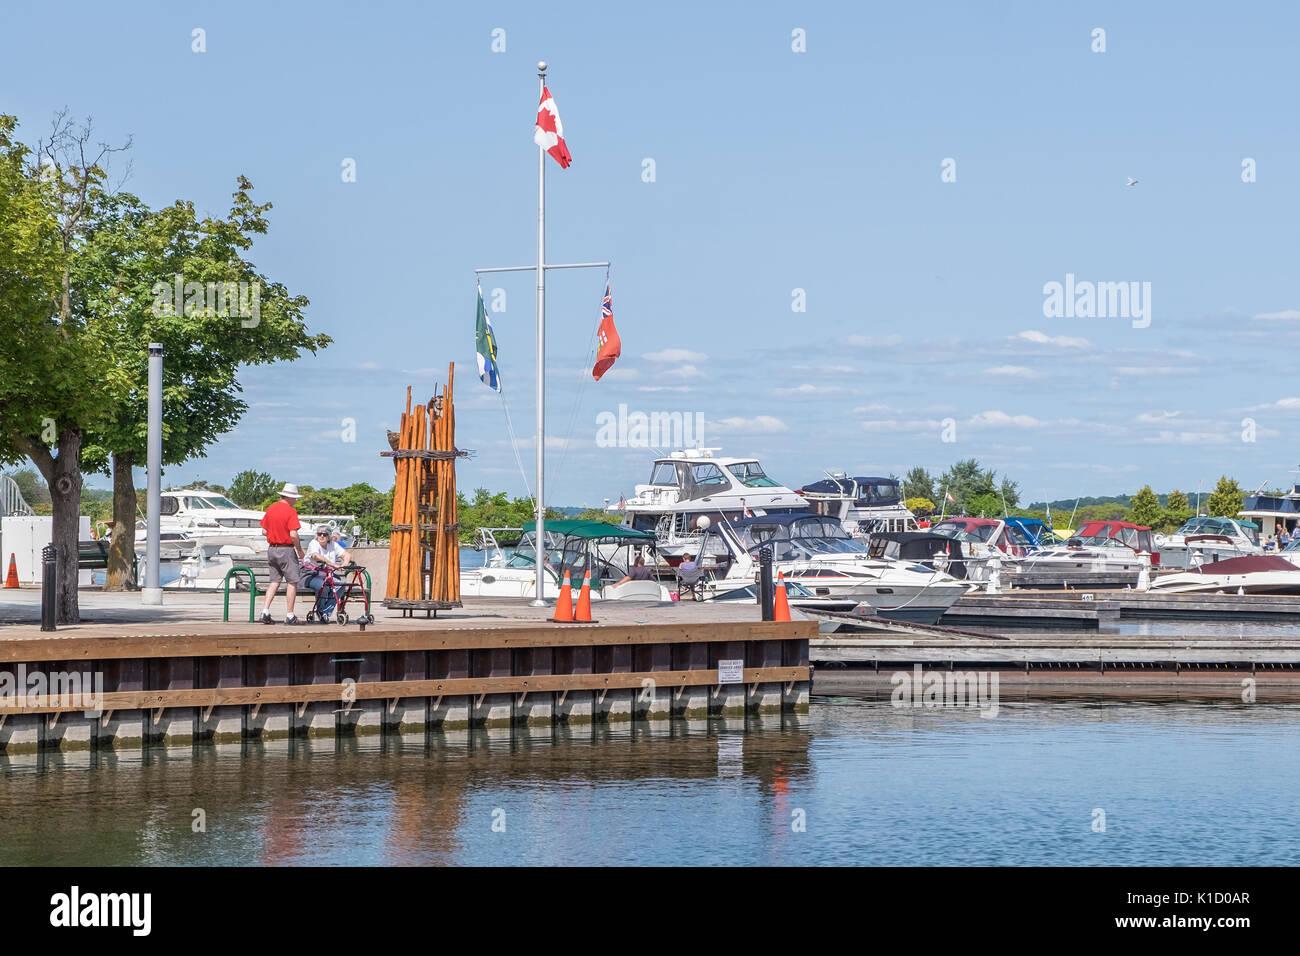 Los turistas y lugareños disfrutan de la hermosa costanera de Orillia Ontario en días de verano. Foto de stock